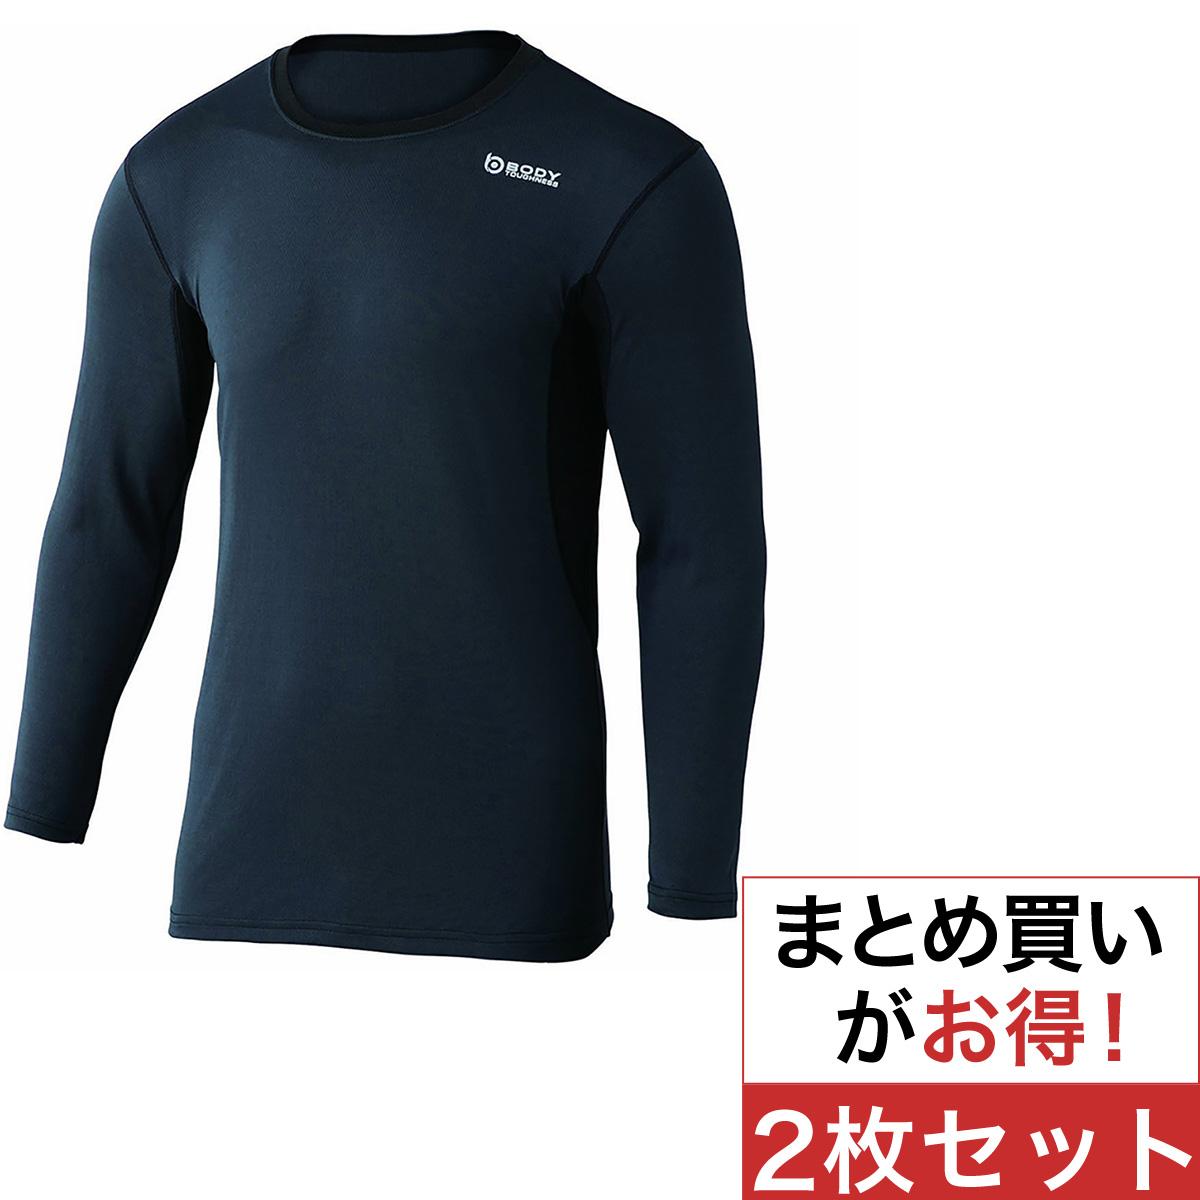 デュアルメッシュ ストレッチ長袖クルーネックインナーシャツ2枚セット